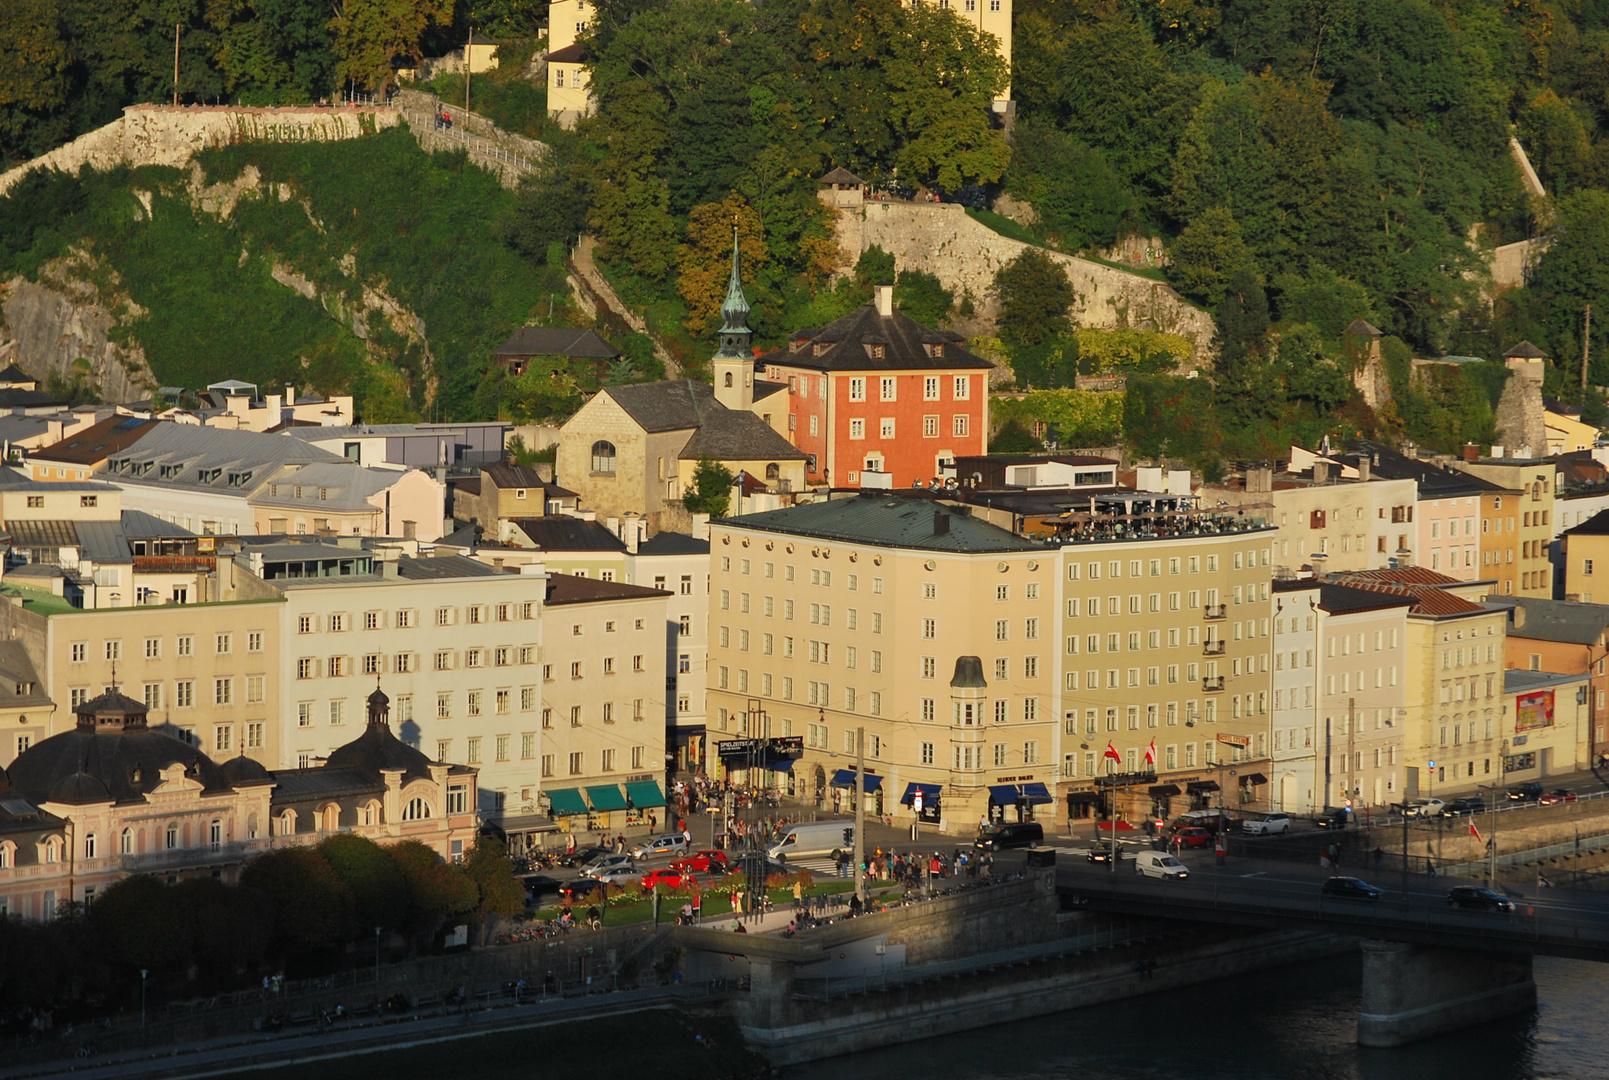 Blick auf Salzburg aufgenommen vom Mönchsberg